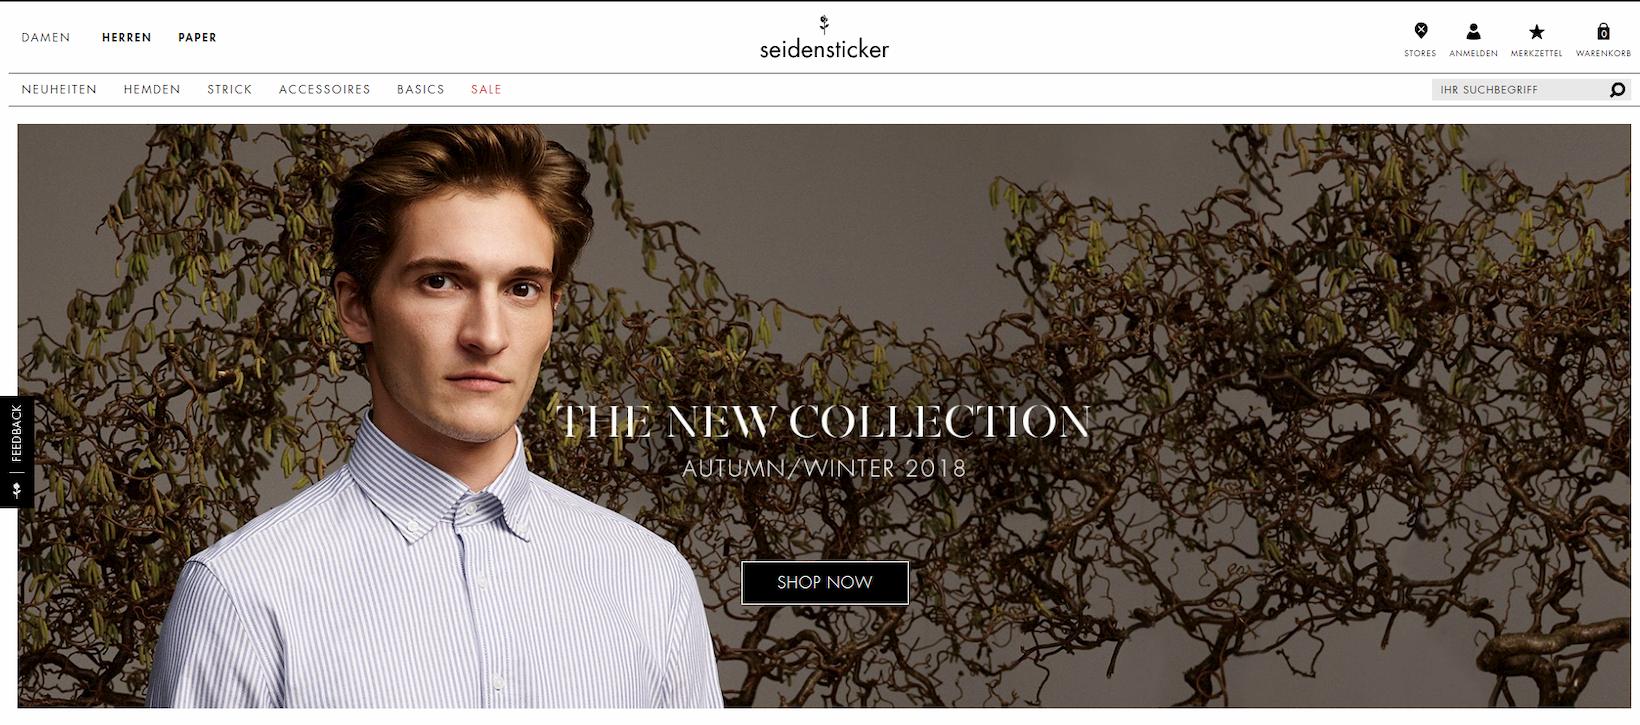 Onlineshop von Seidensticker auf Basis von Shopware